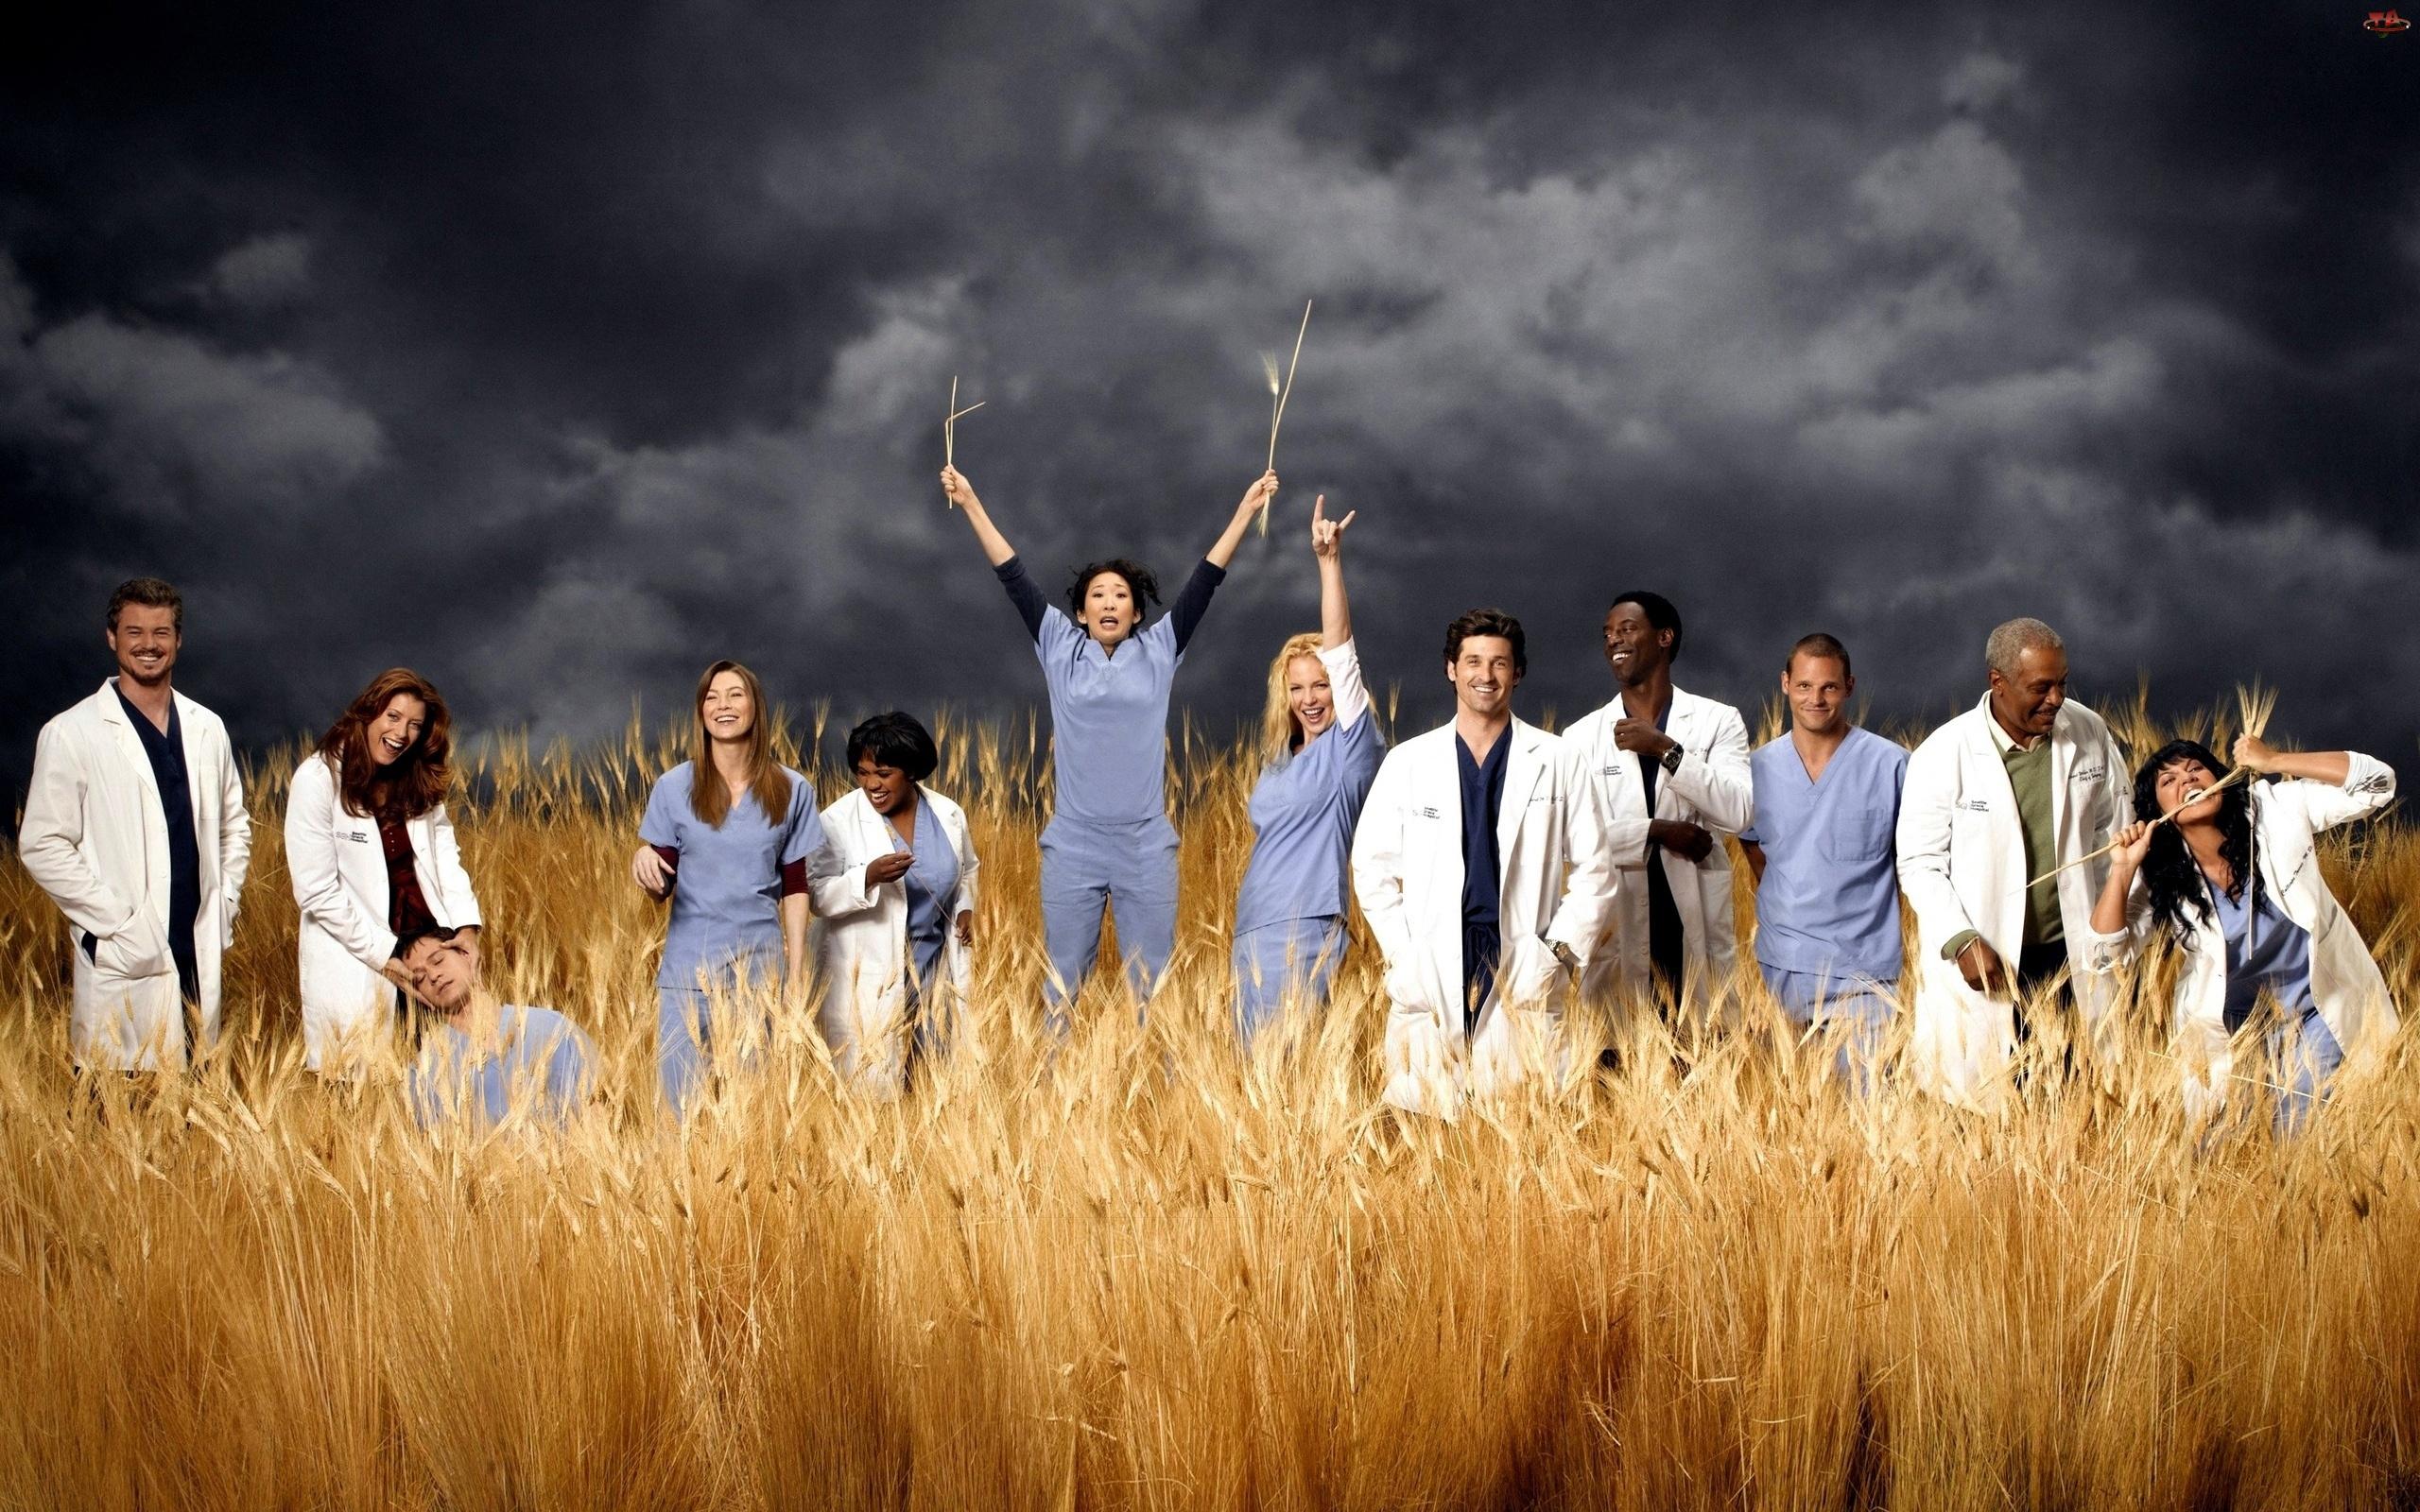 Zboża, Chirurdzy, Chmury, Burzowe, Kłosy